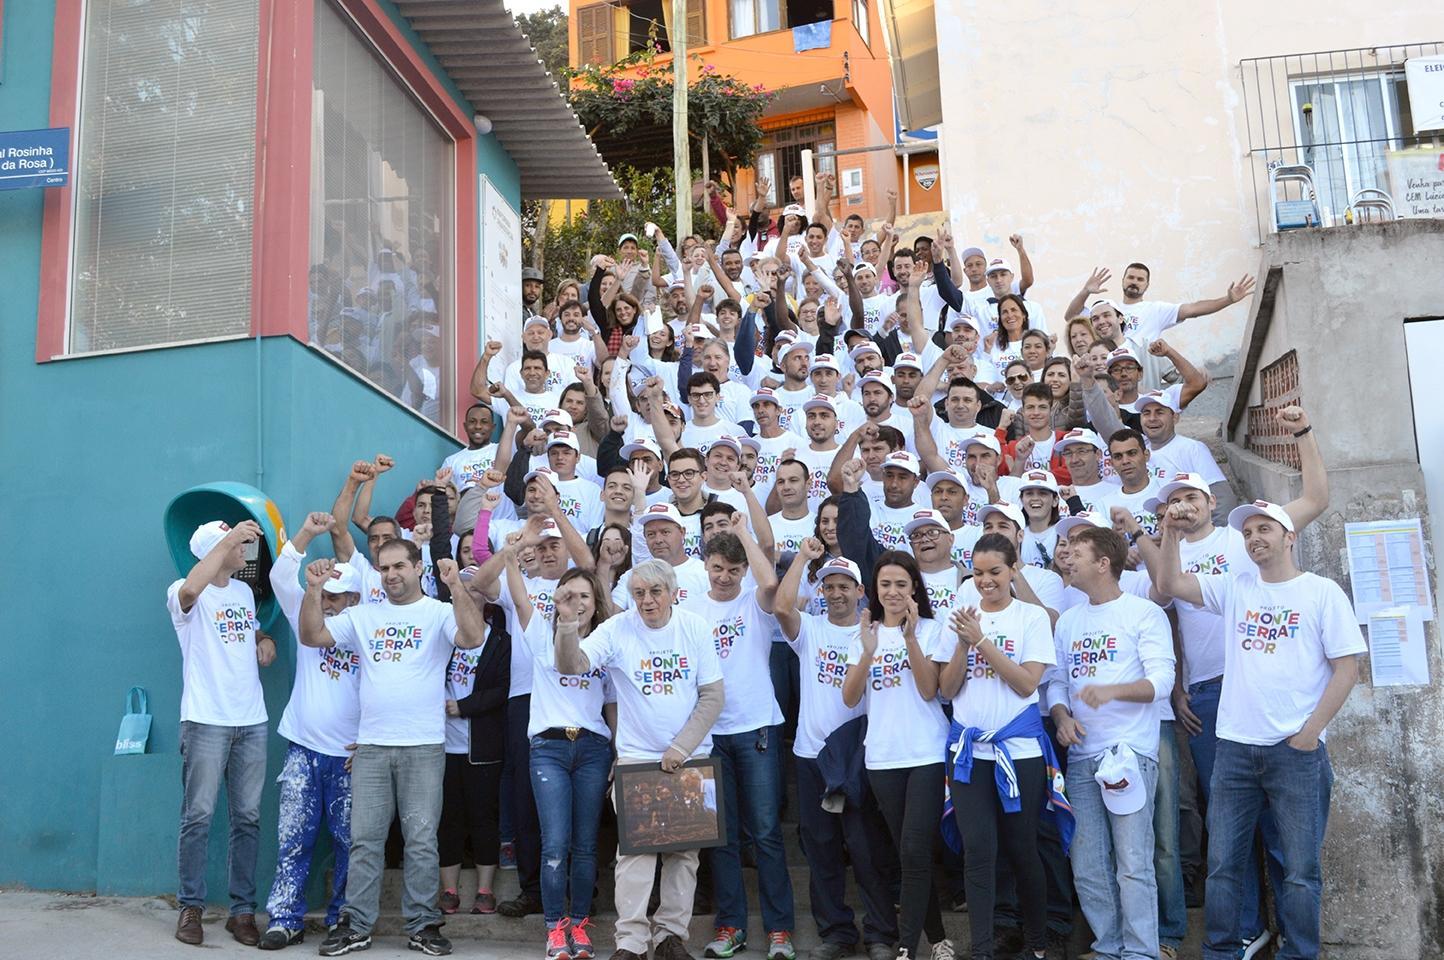 O registro feito pela Equipe de Mídias da Jornada Ampliada do Centro Educacional Marista Lúcia Mayvorne mostra os voluntários - Equipe de Mídias/CEM Lúcia Mayvorne/Divulgação/ND